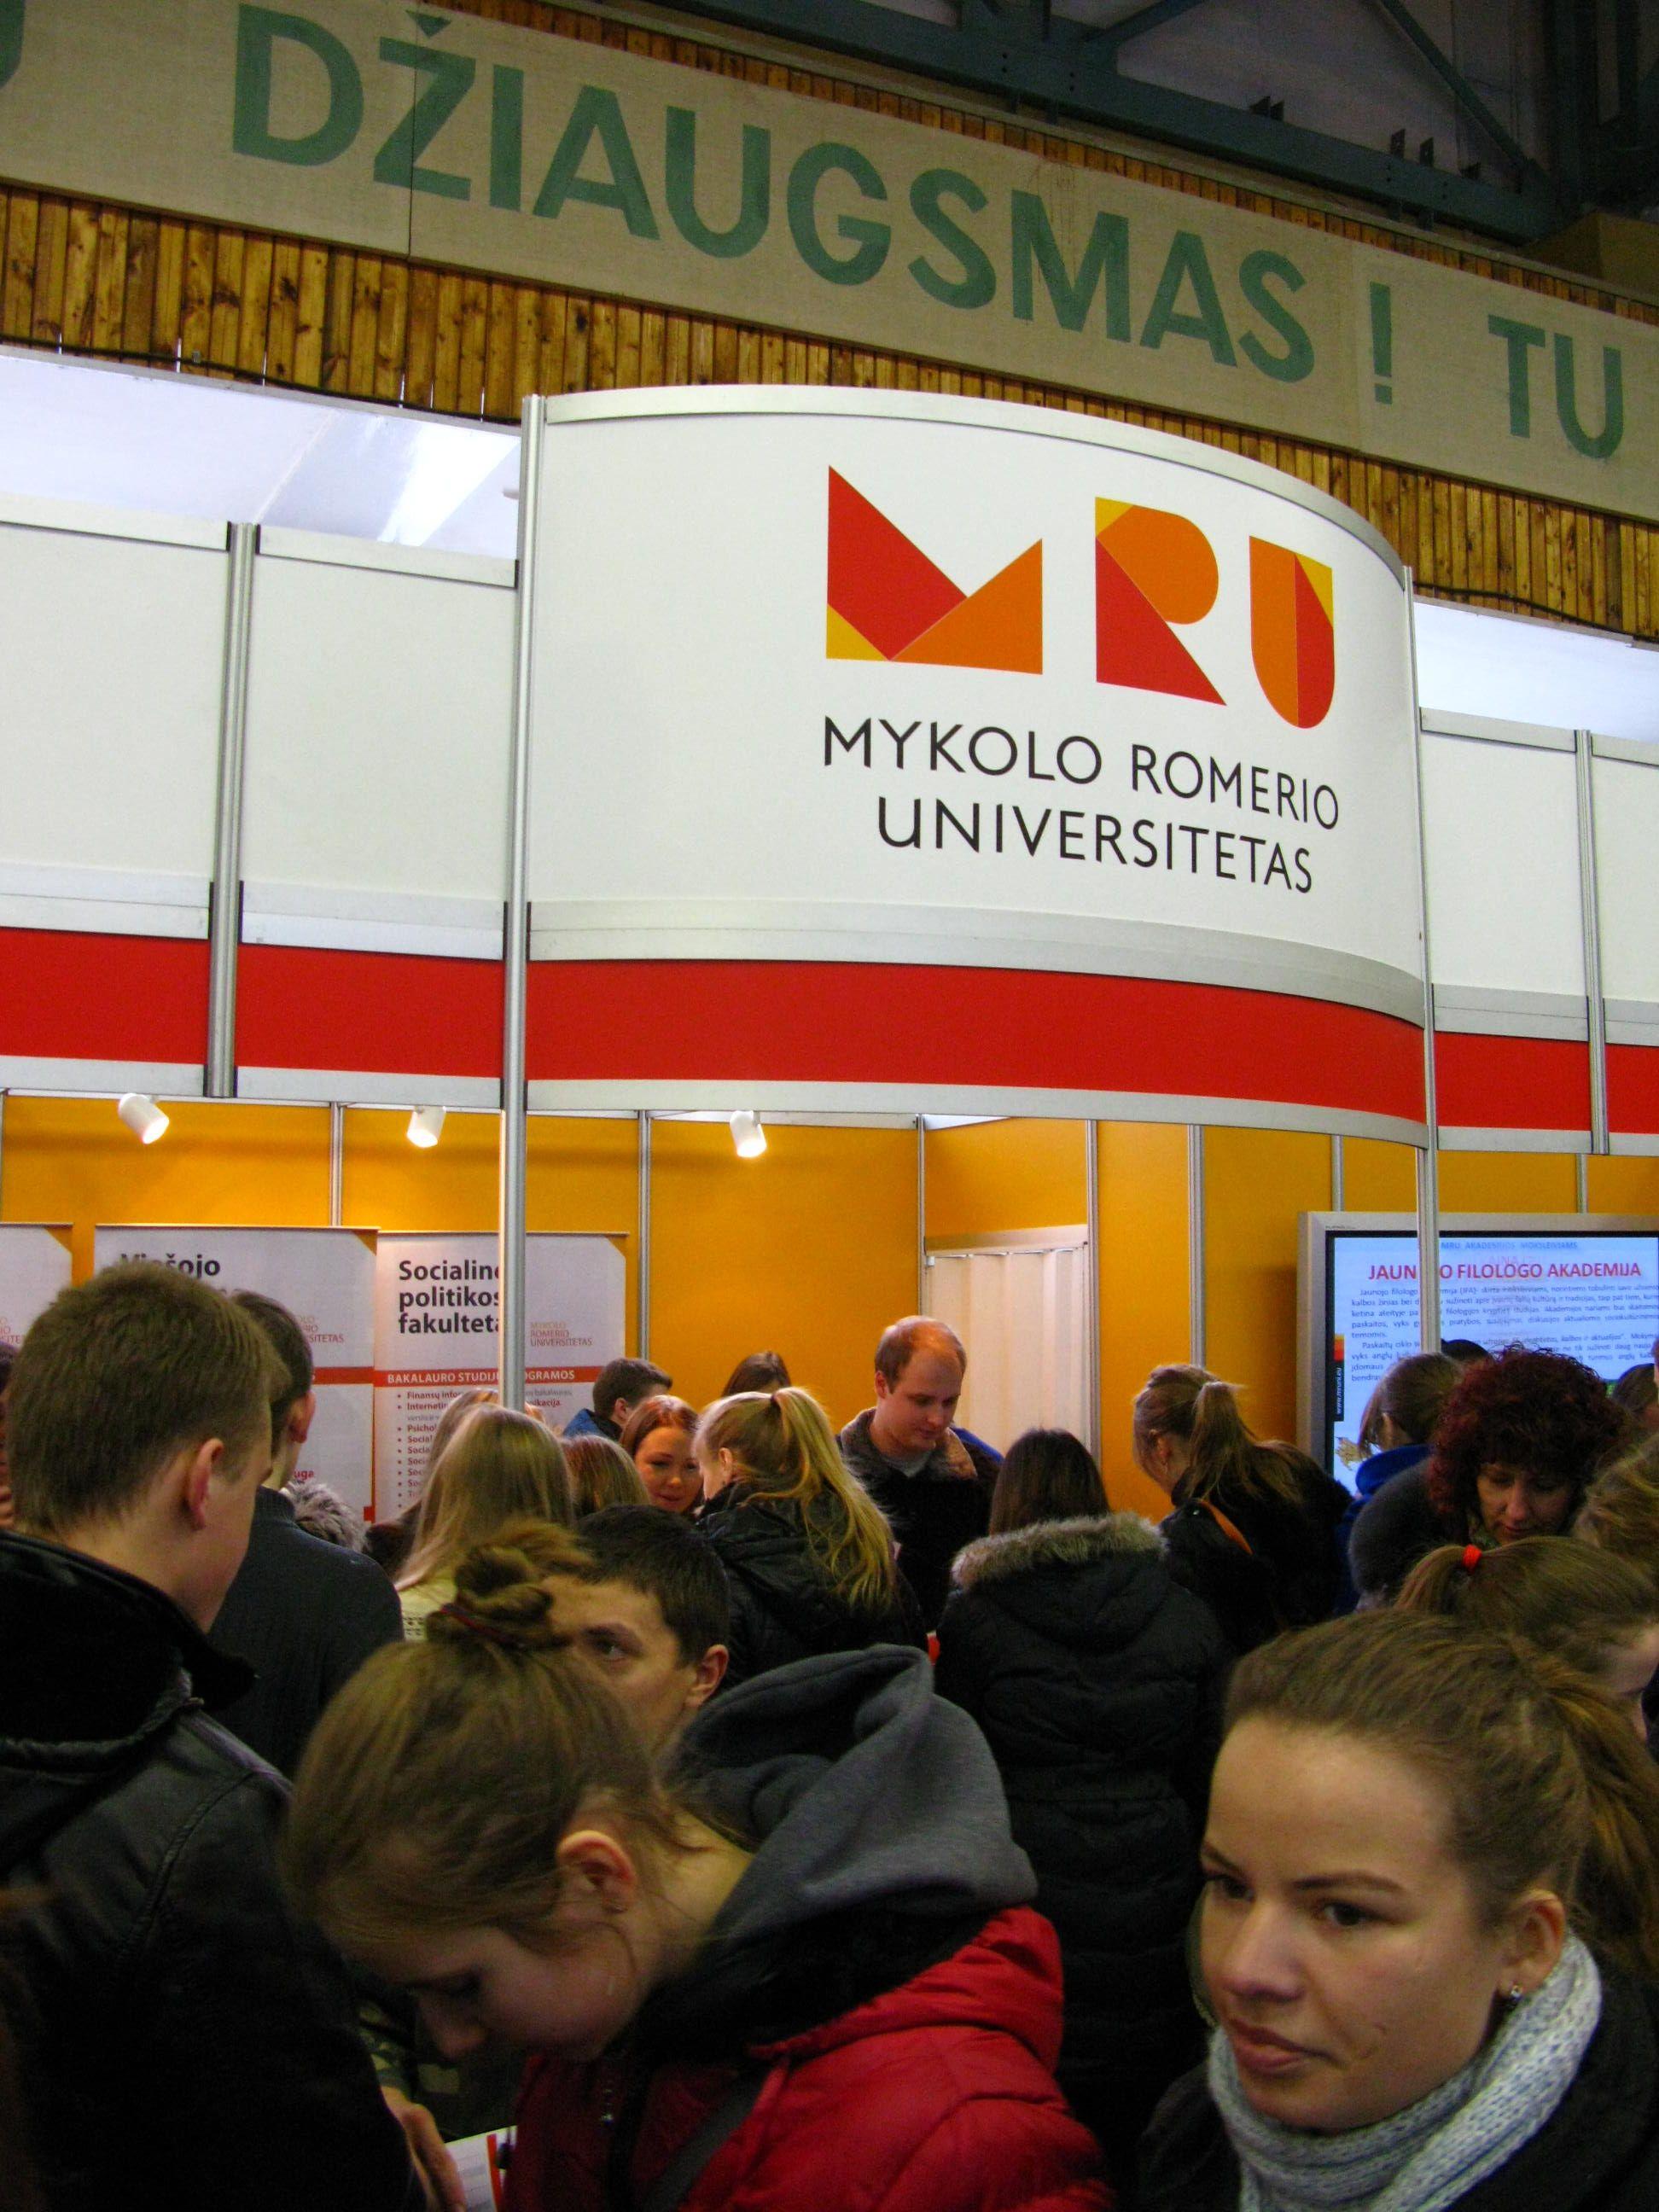 Kaunas Education Fair January 2013 Photo By Gintarė Parazinskaitė Education Fair Kaunas Education